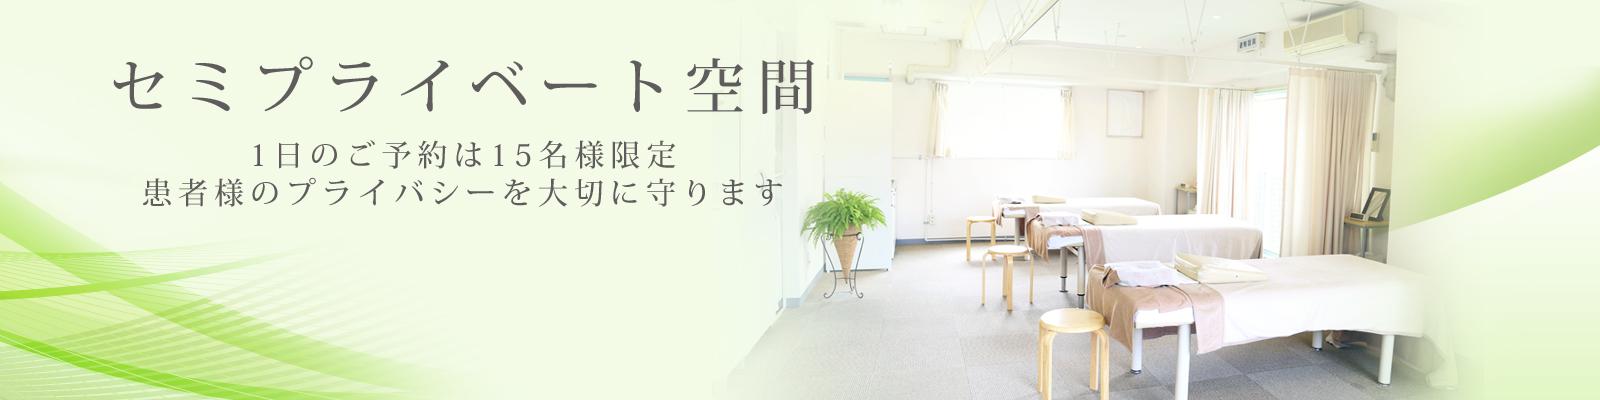 セミプライベート空間 1日のご予約は15名様限定 患者様のプライバシーを大切に守ります